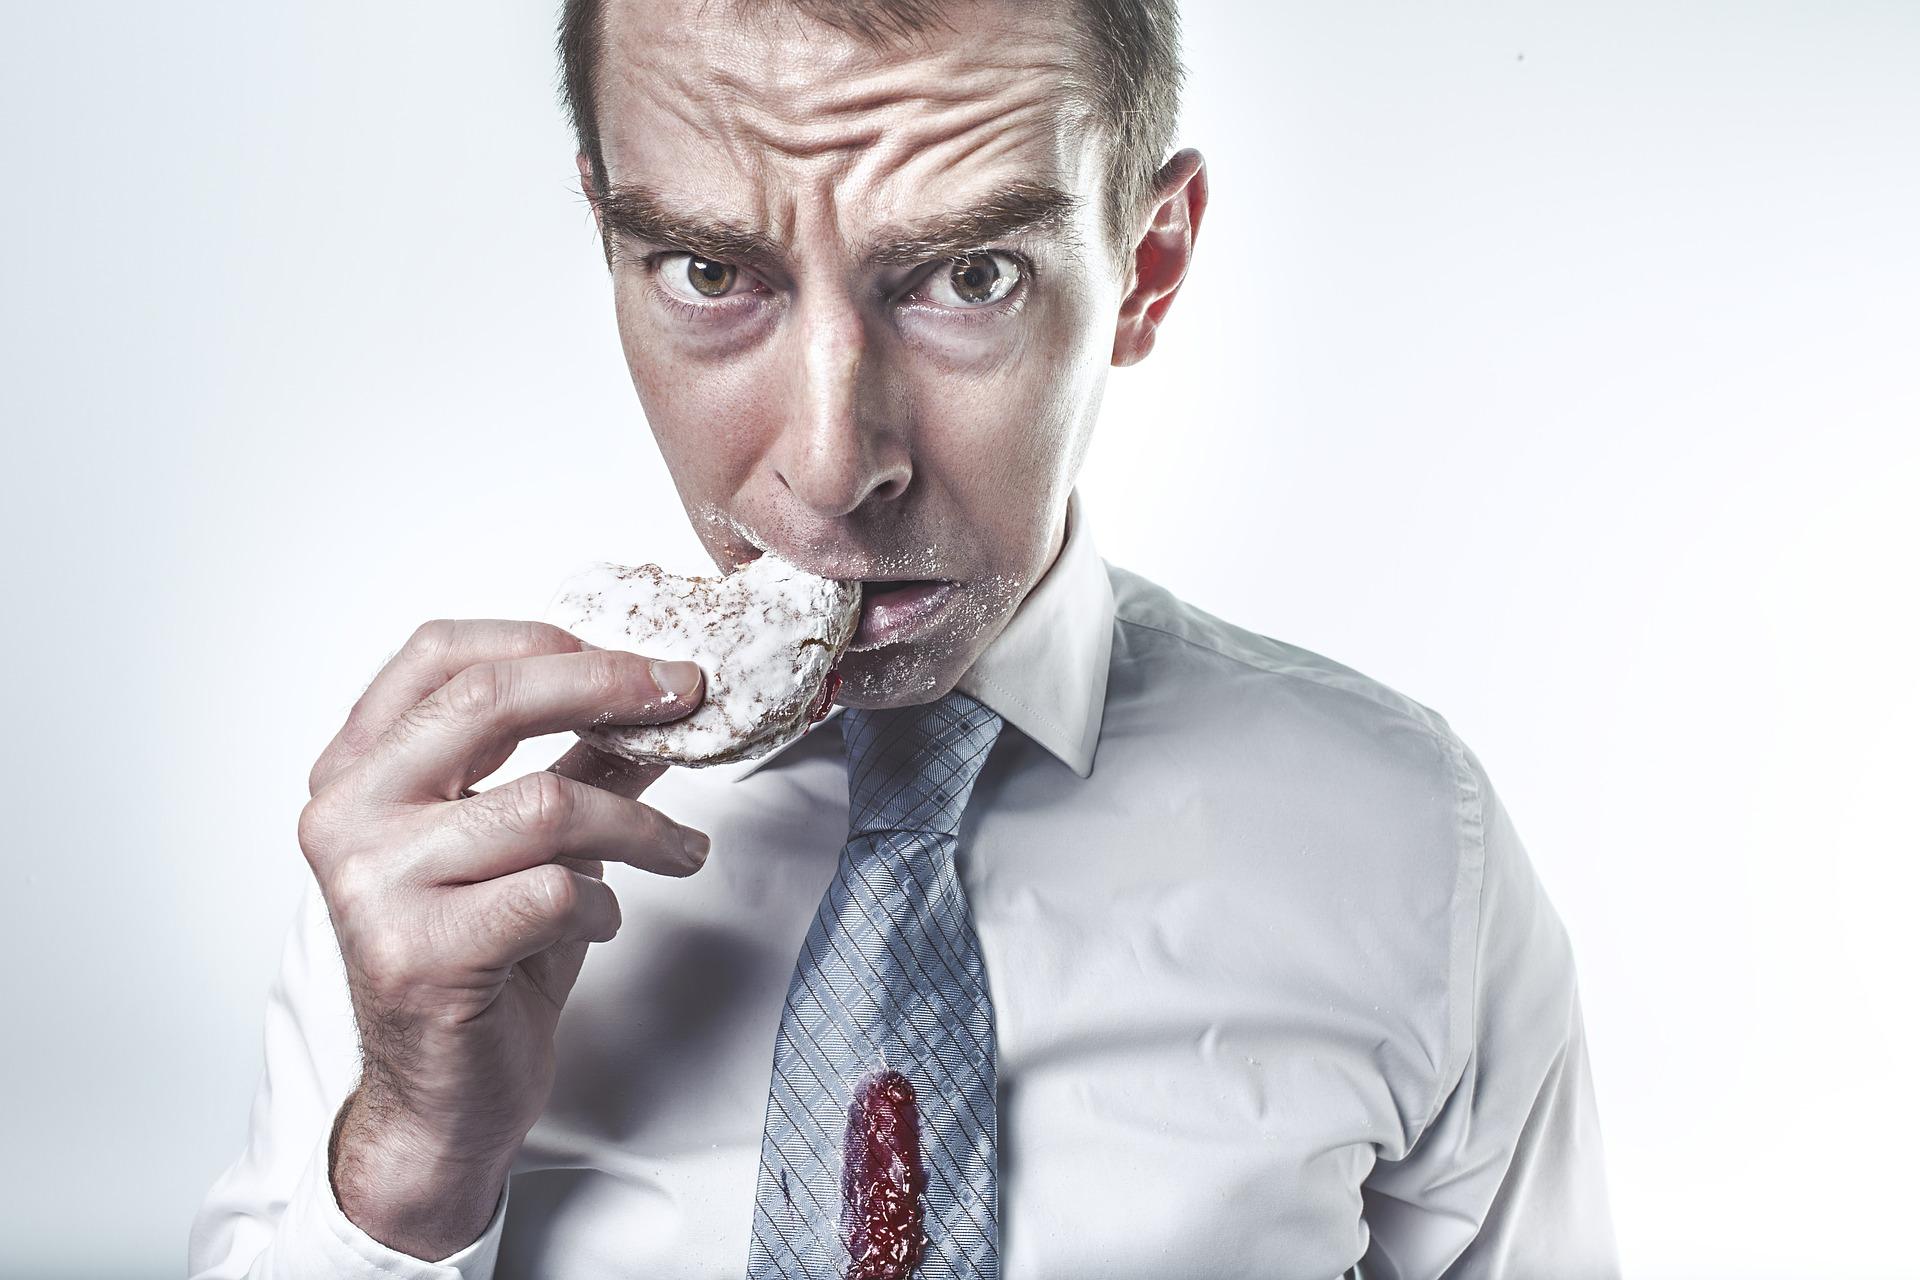 Dieta na odchudzanie dla mężczyzny